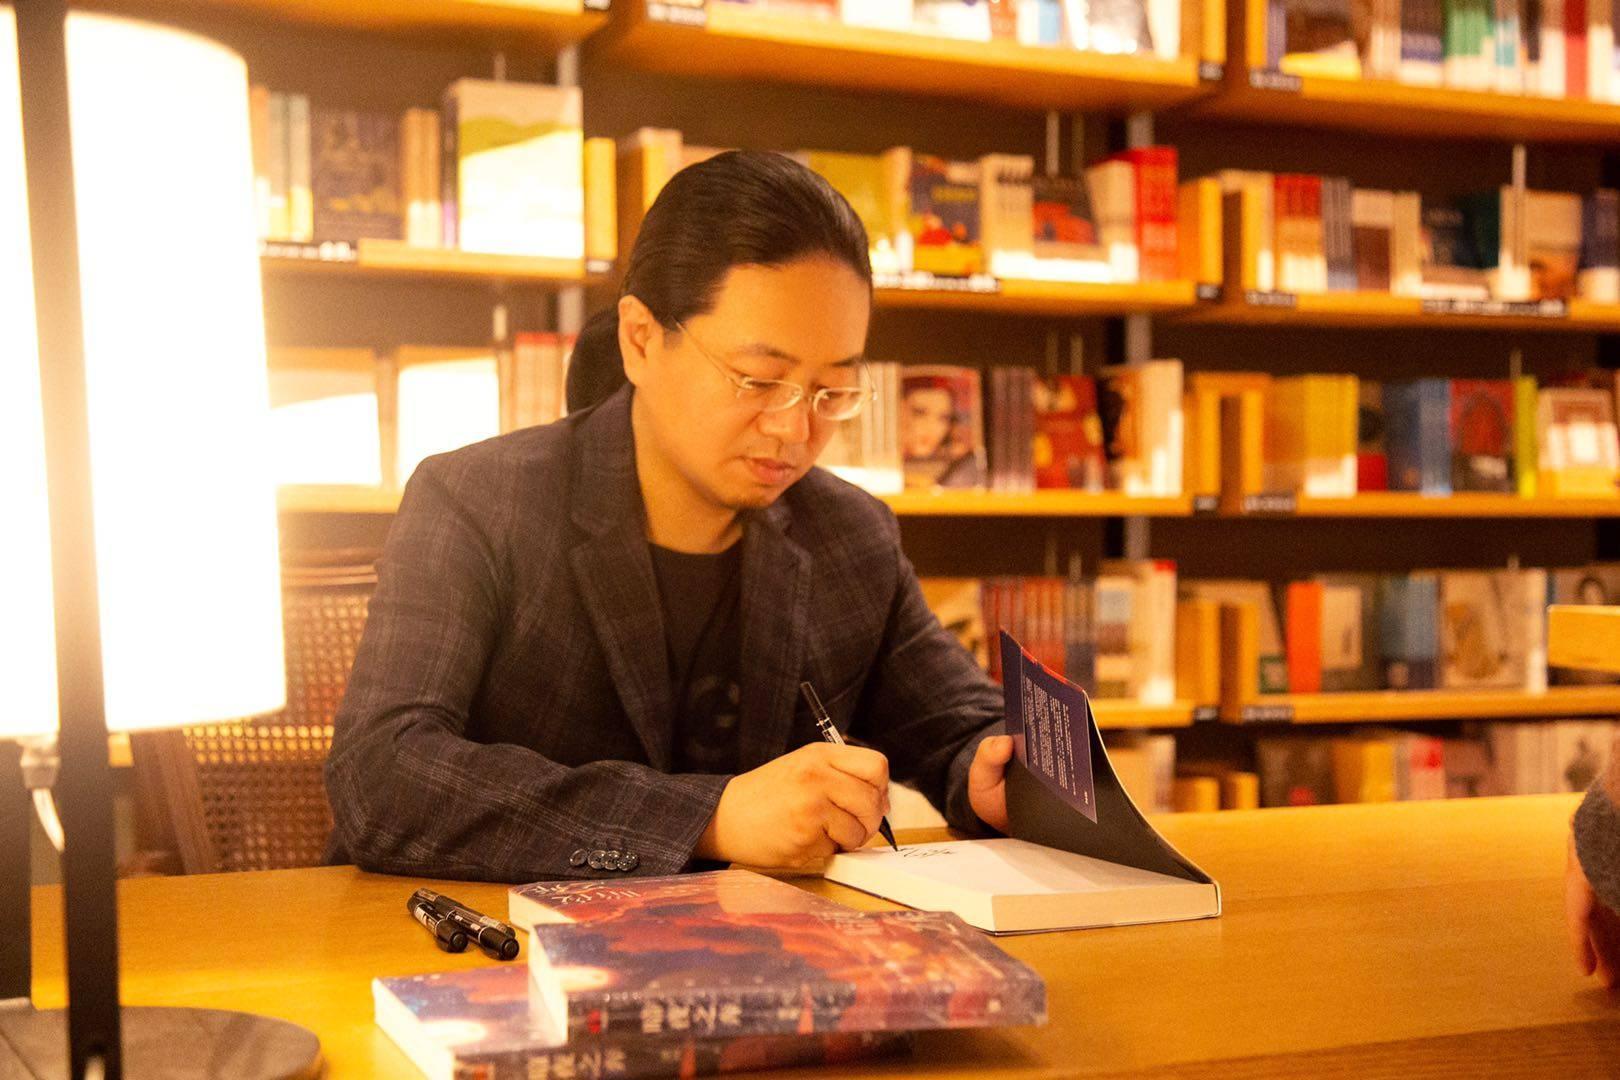 「梁柯」是为读者定制梦境,梁柯:类型小说的创作